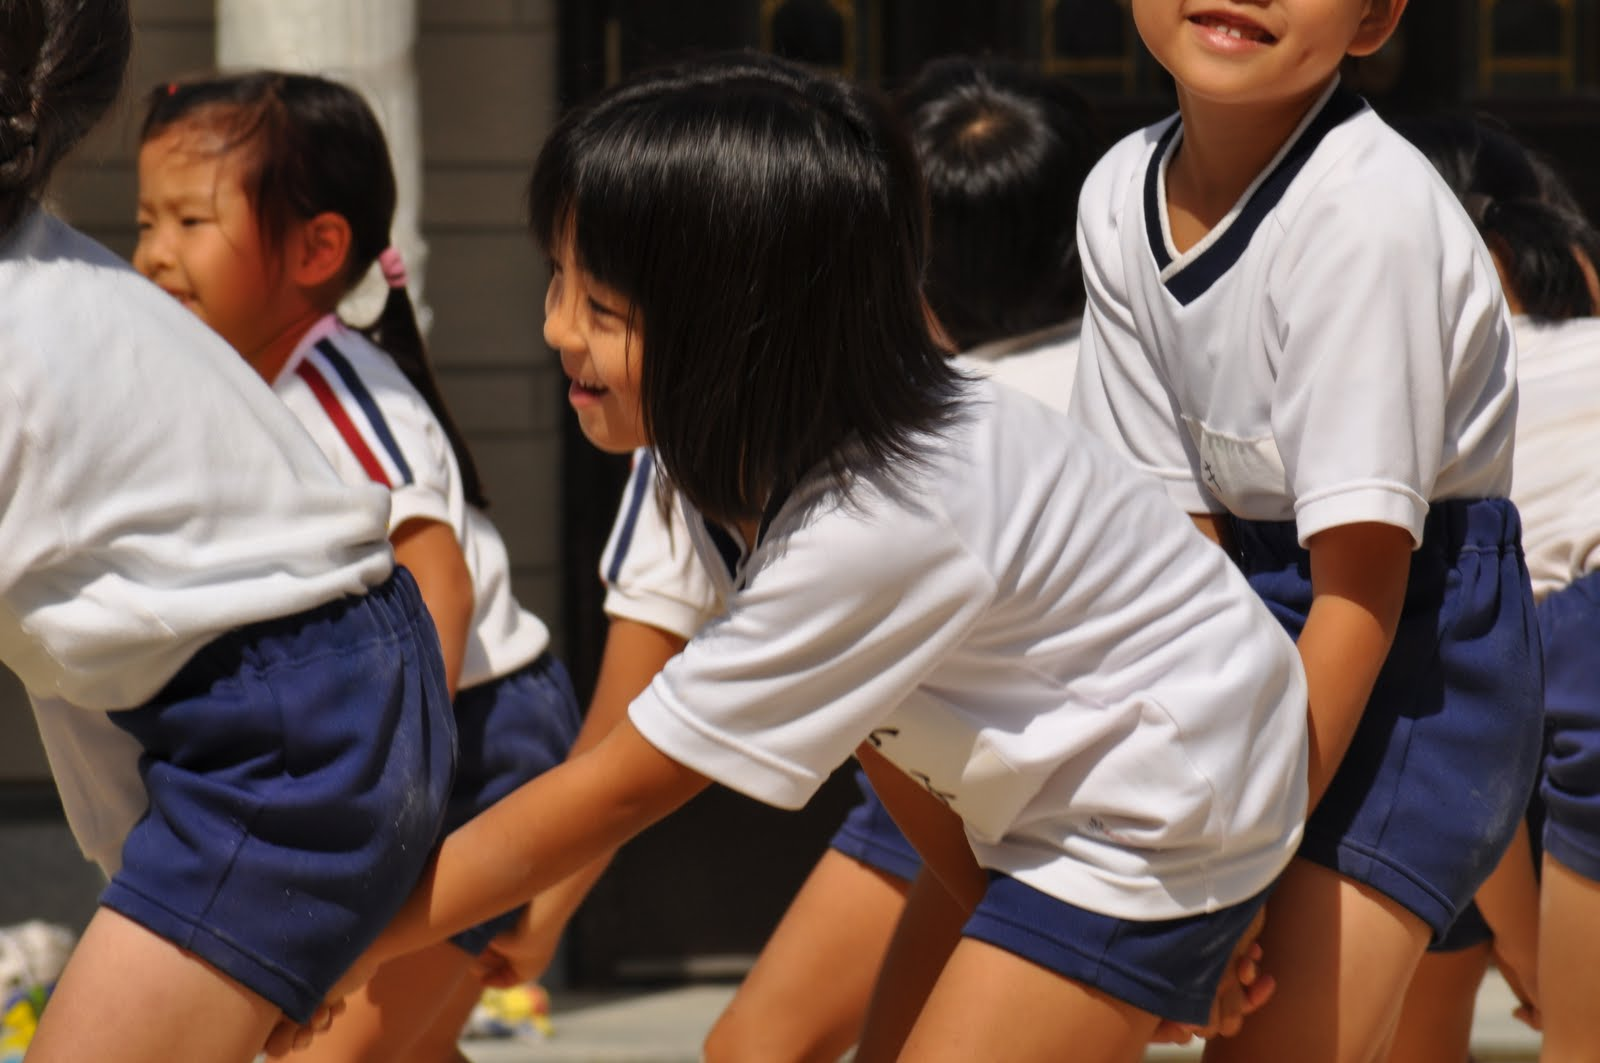 【小中学生】♪美少女らいすっき♪ 374 【天てれ・子役・素人・ボゴOK】 [無断転載禁止]©2ch.netYouTube動画>11本 ->画像>2726枚